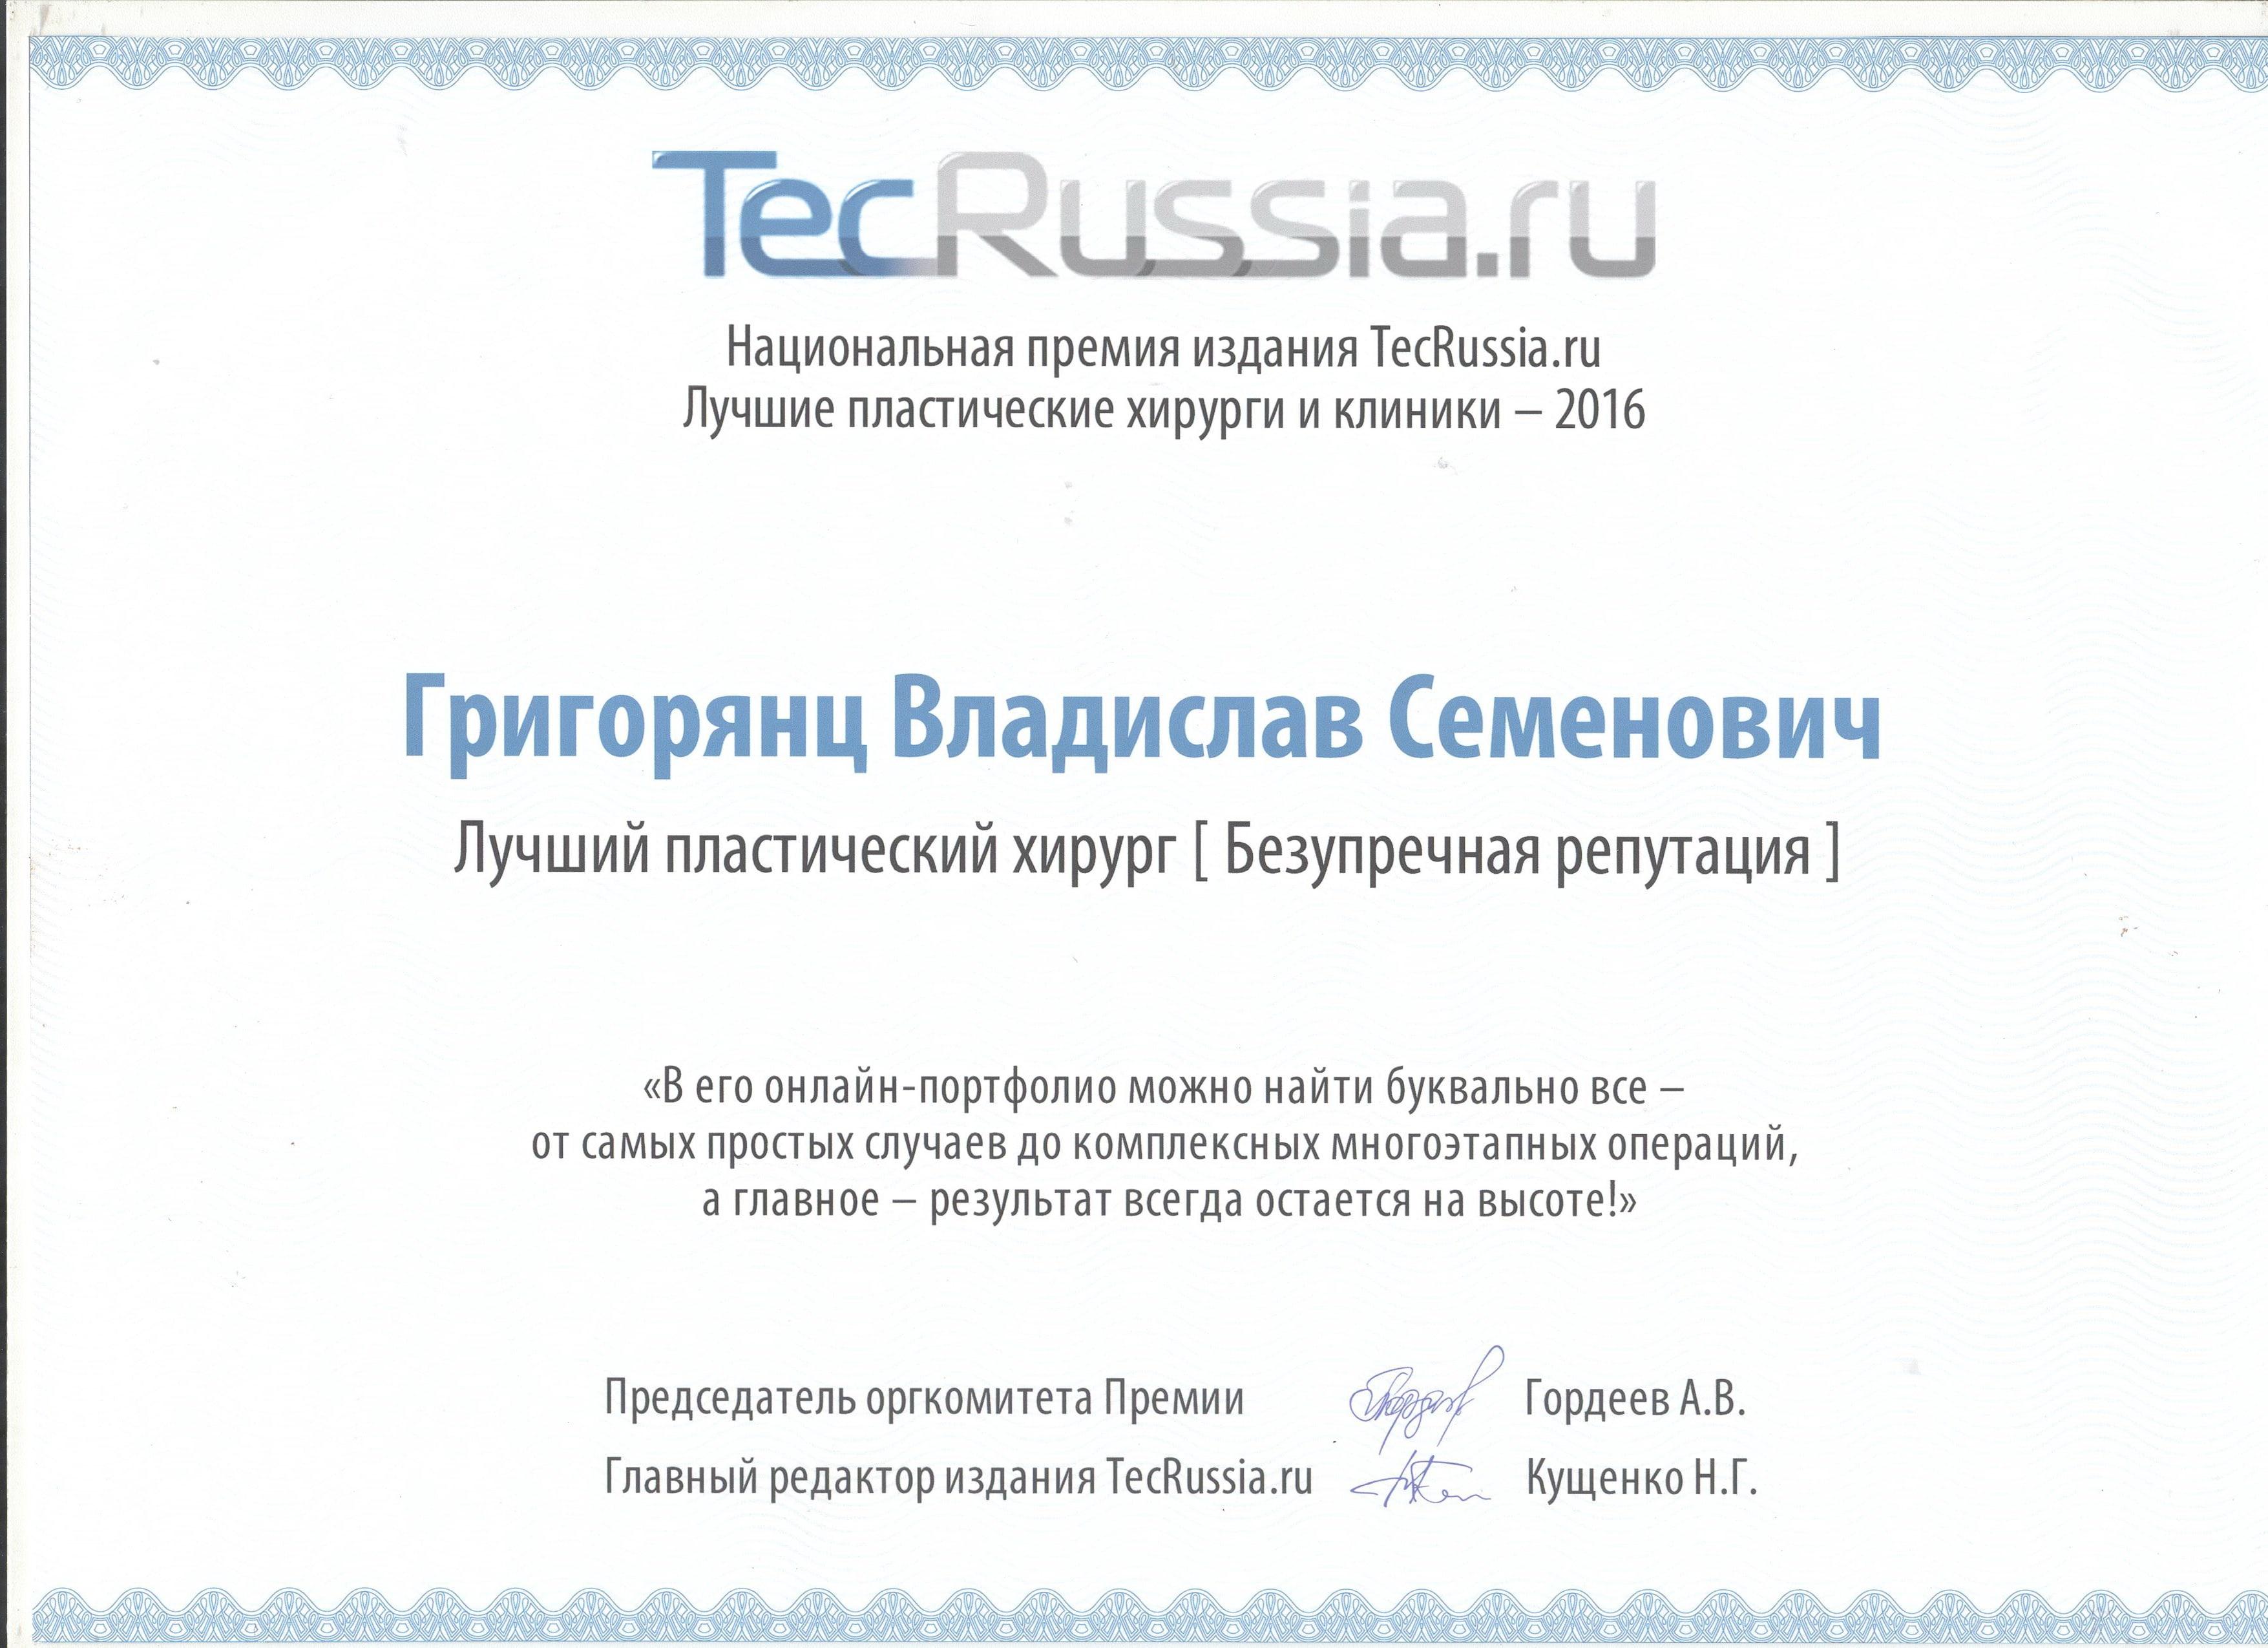 лучший пластический хирург по версии портала TecRussia.ru в 2016 — Григорянц Владислав Семенович